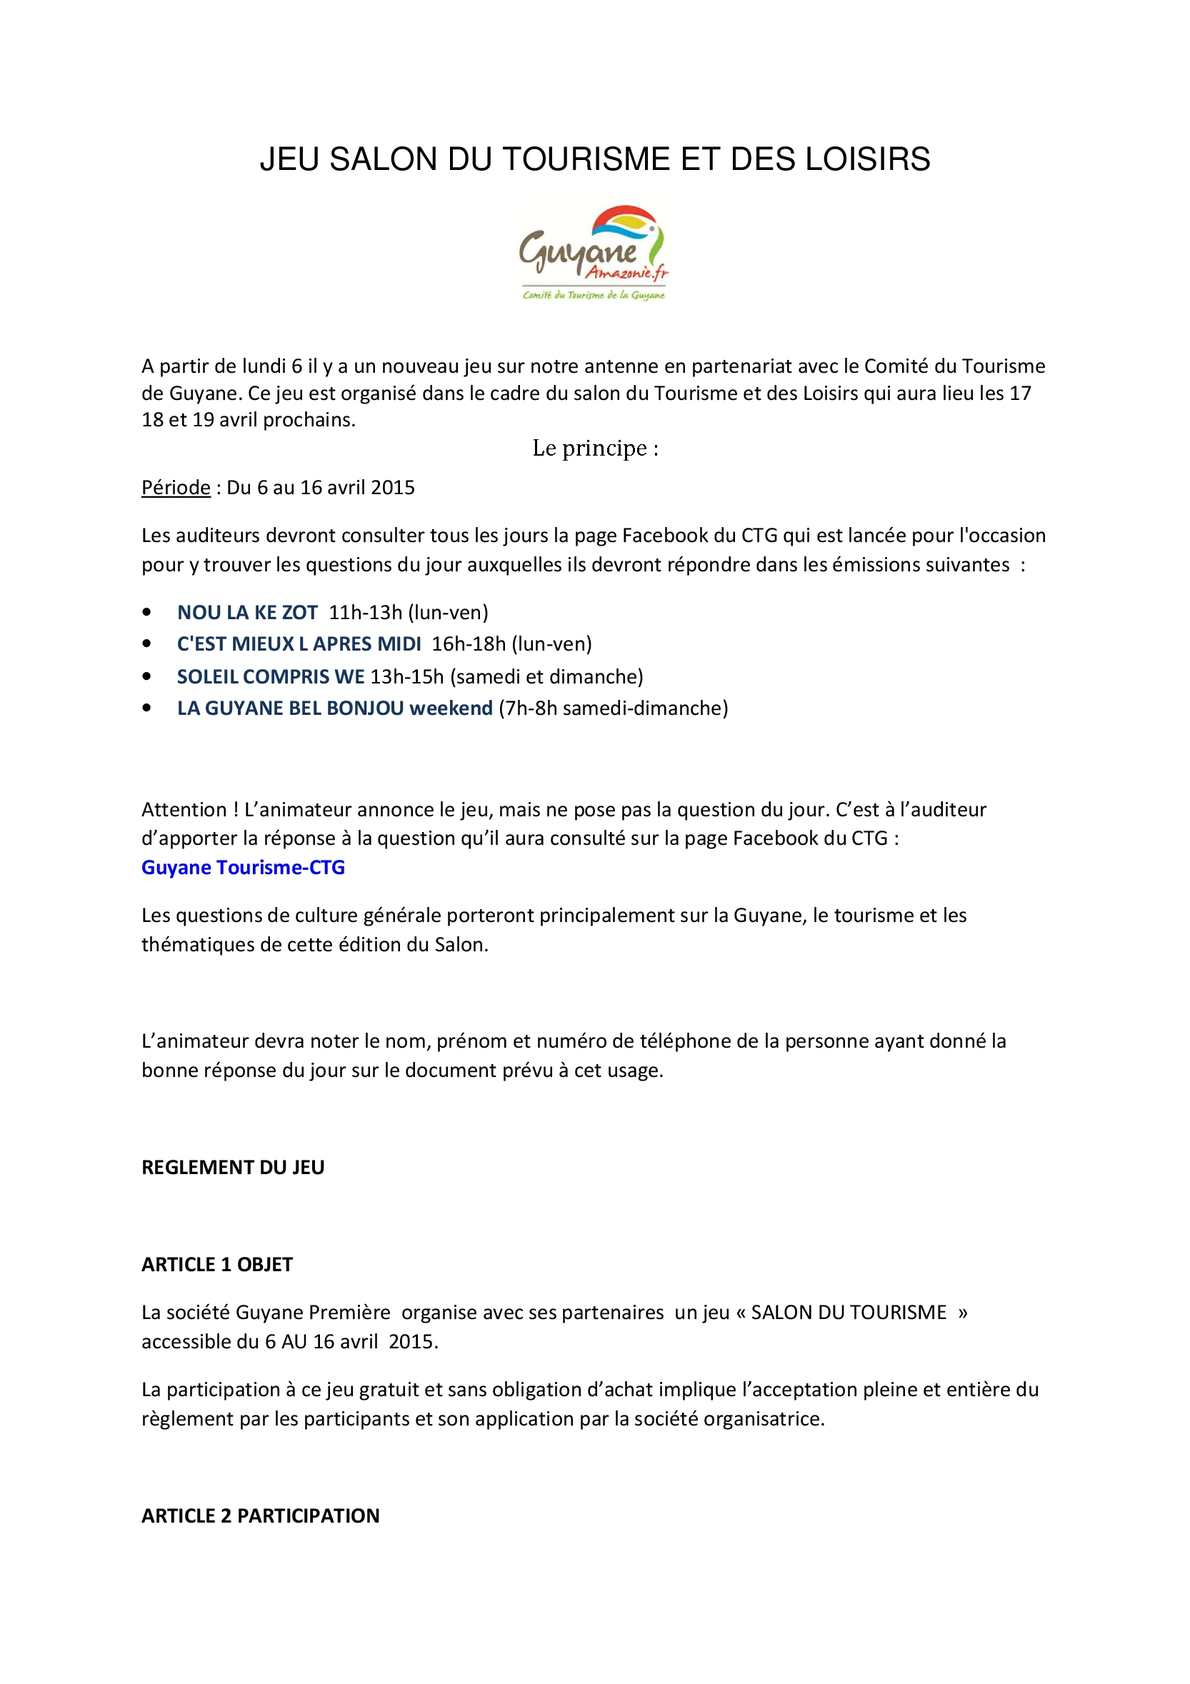 Calaméo - Règlement Du Jeu Salon Du Tourisme & Des Loisirs avec Question Reponse Jeu Gratuit